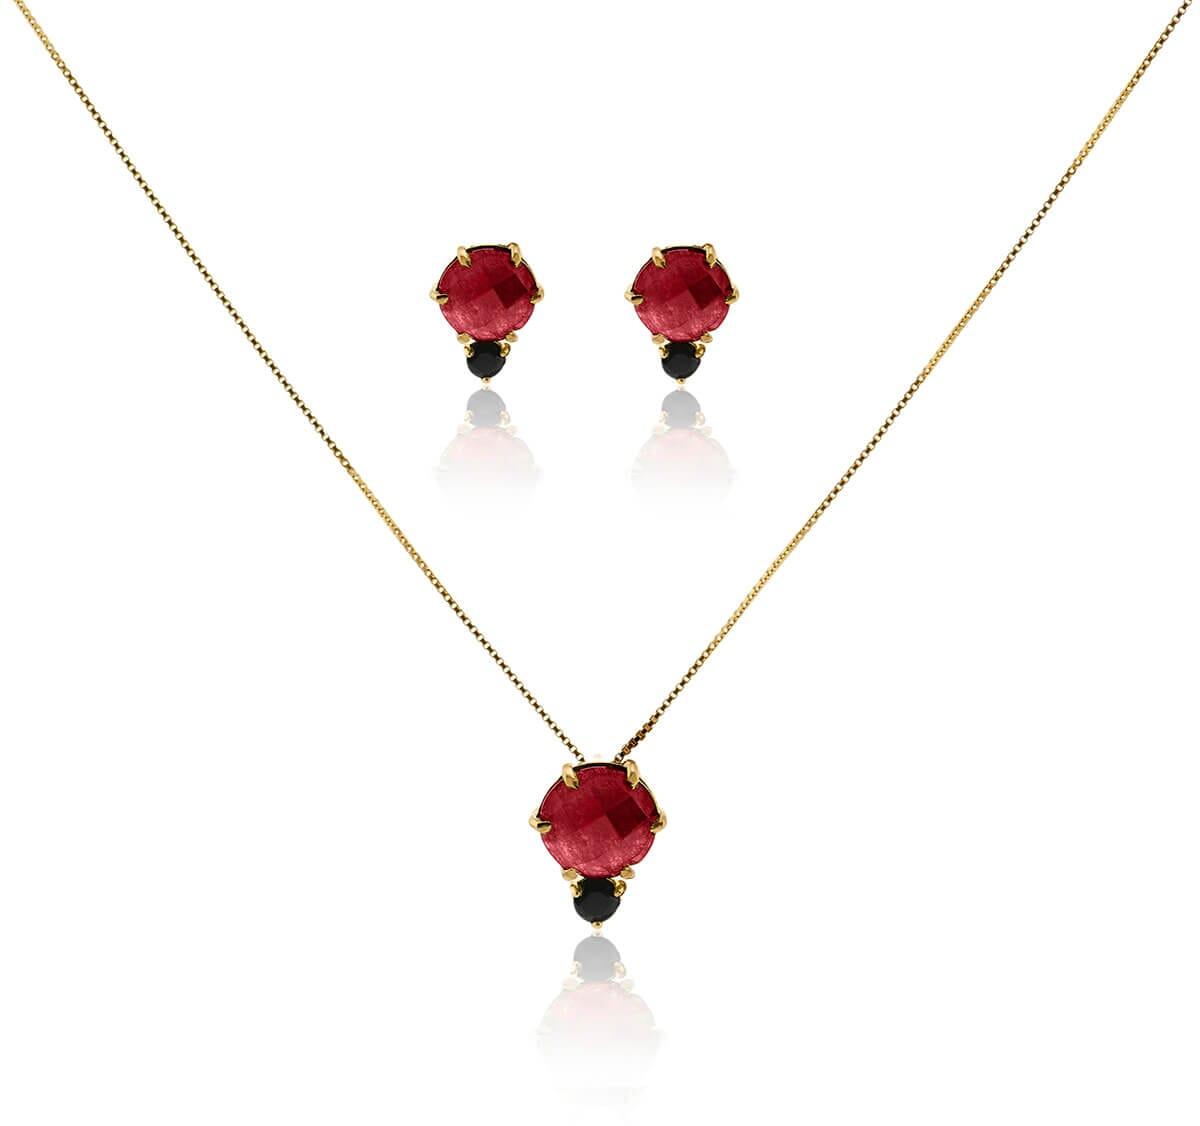 Conjunto Gargantilha e Brinco Folheado a Ouro 18k c/ Pedra Jade Vermelha